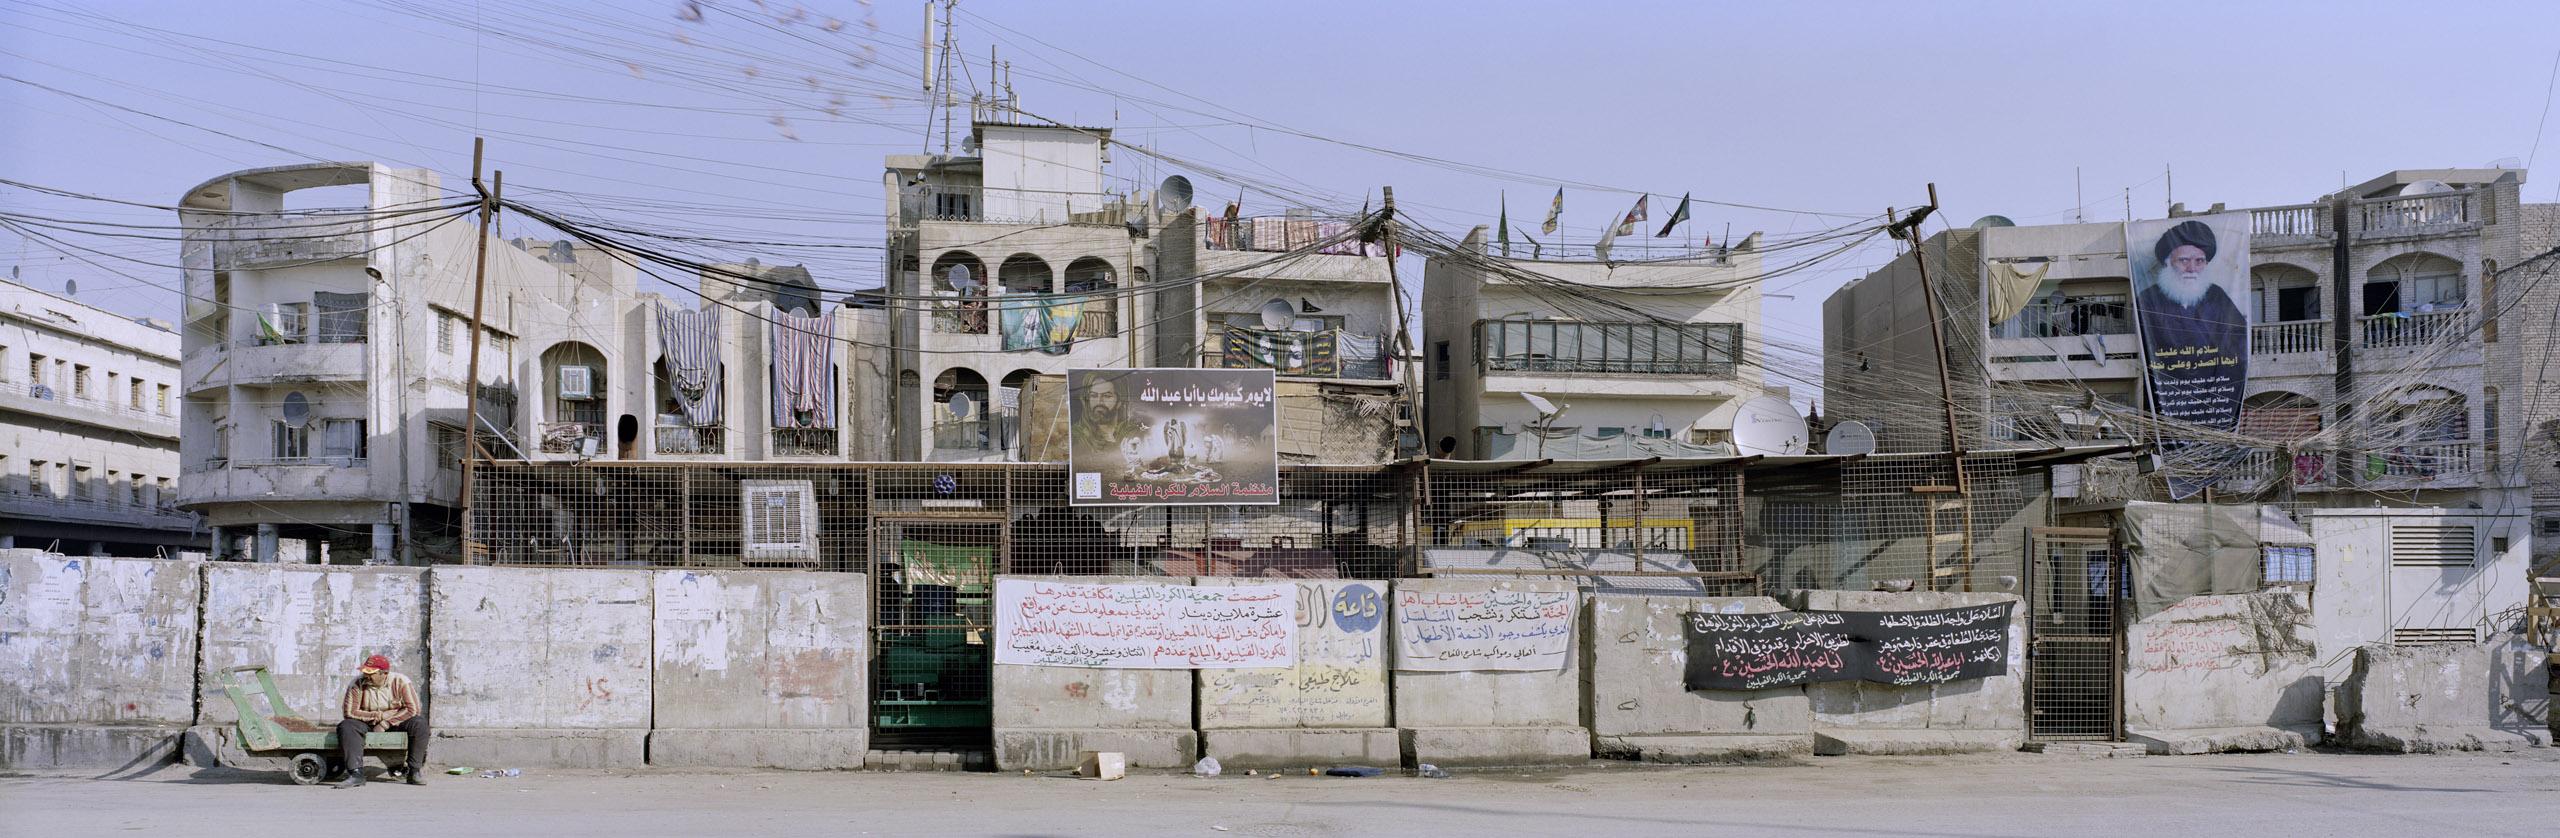 Shorja Market, Baghdad. Iraq, 2012.